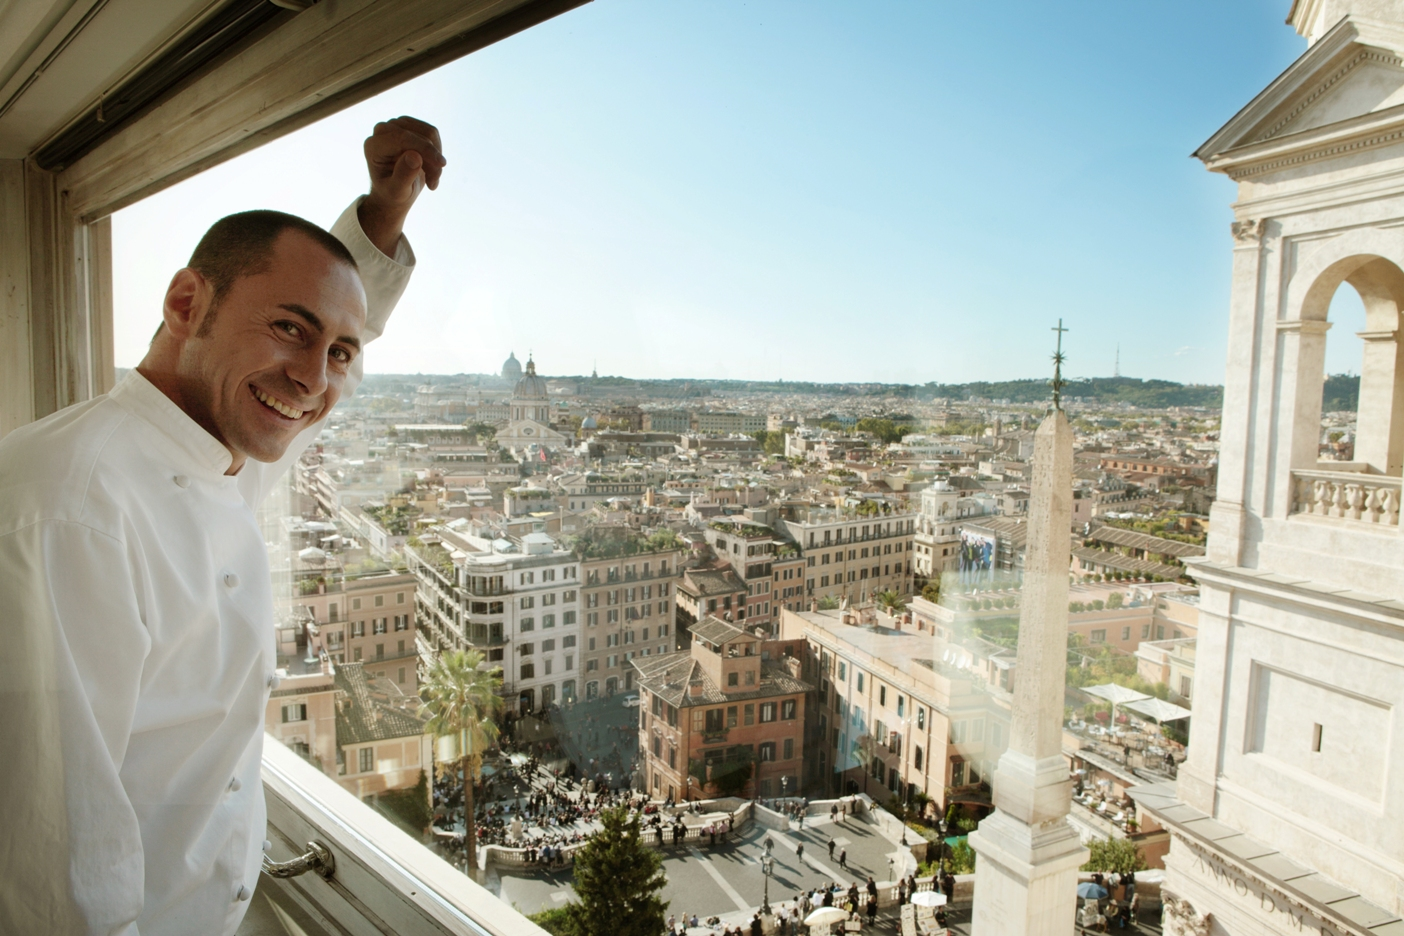 Ristoranti romantici Roma: i migliori con terrazza